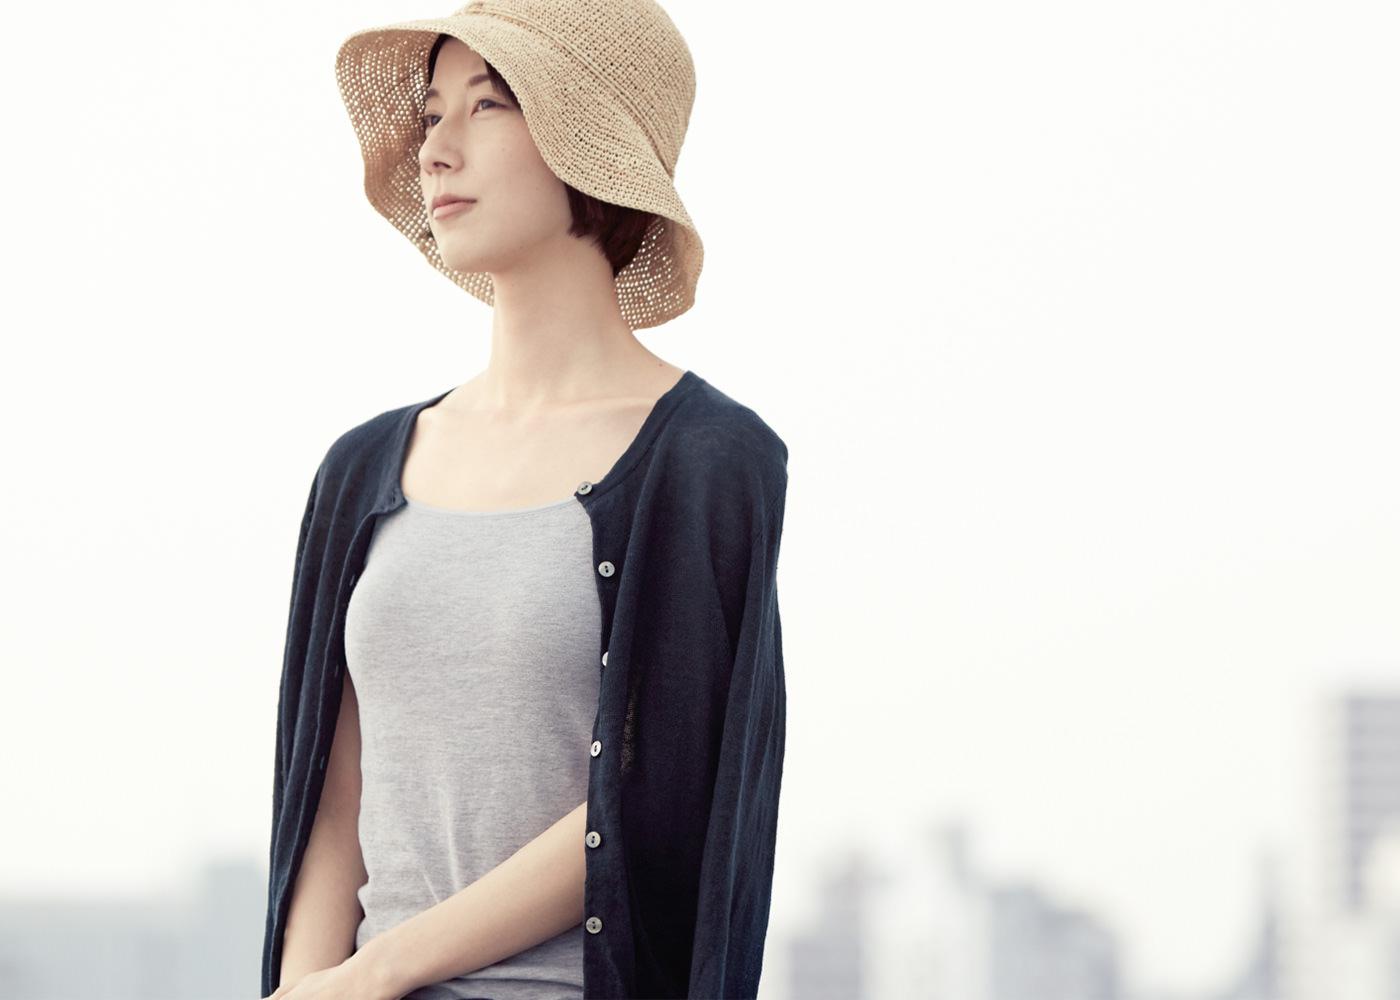 絶対使える、真似したい!定番ファッションアイテムの着まわしコーデのサムネイル画像